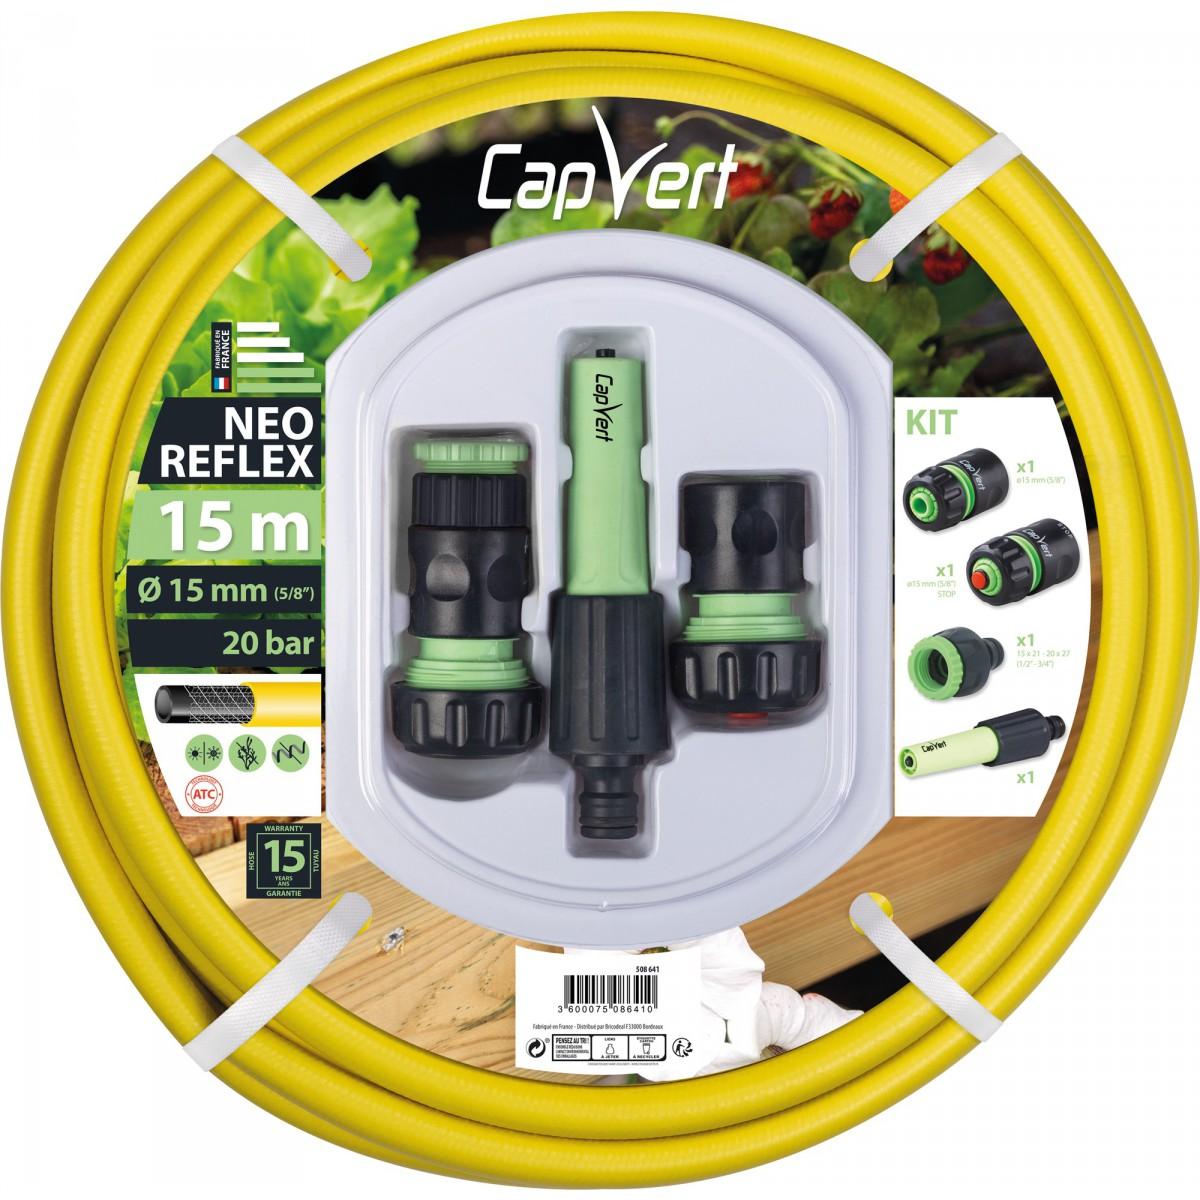 Batterie tuyau d'arrosage Néo Reflex Cap Vert - Diamètre 15 mm - Longueur 15 m